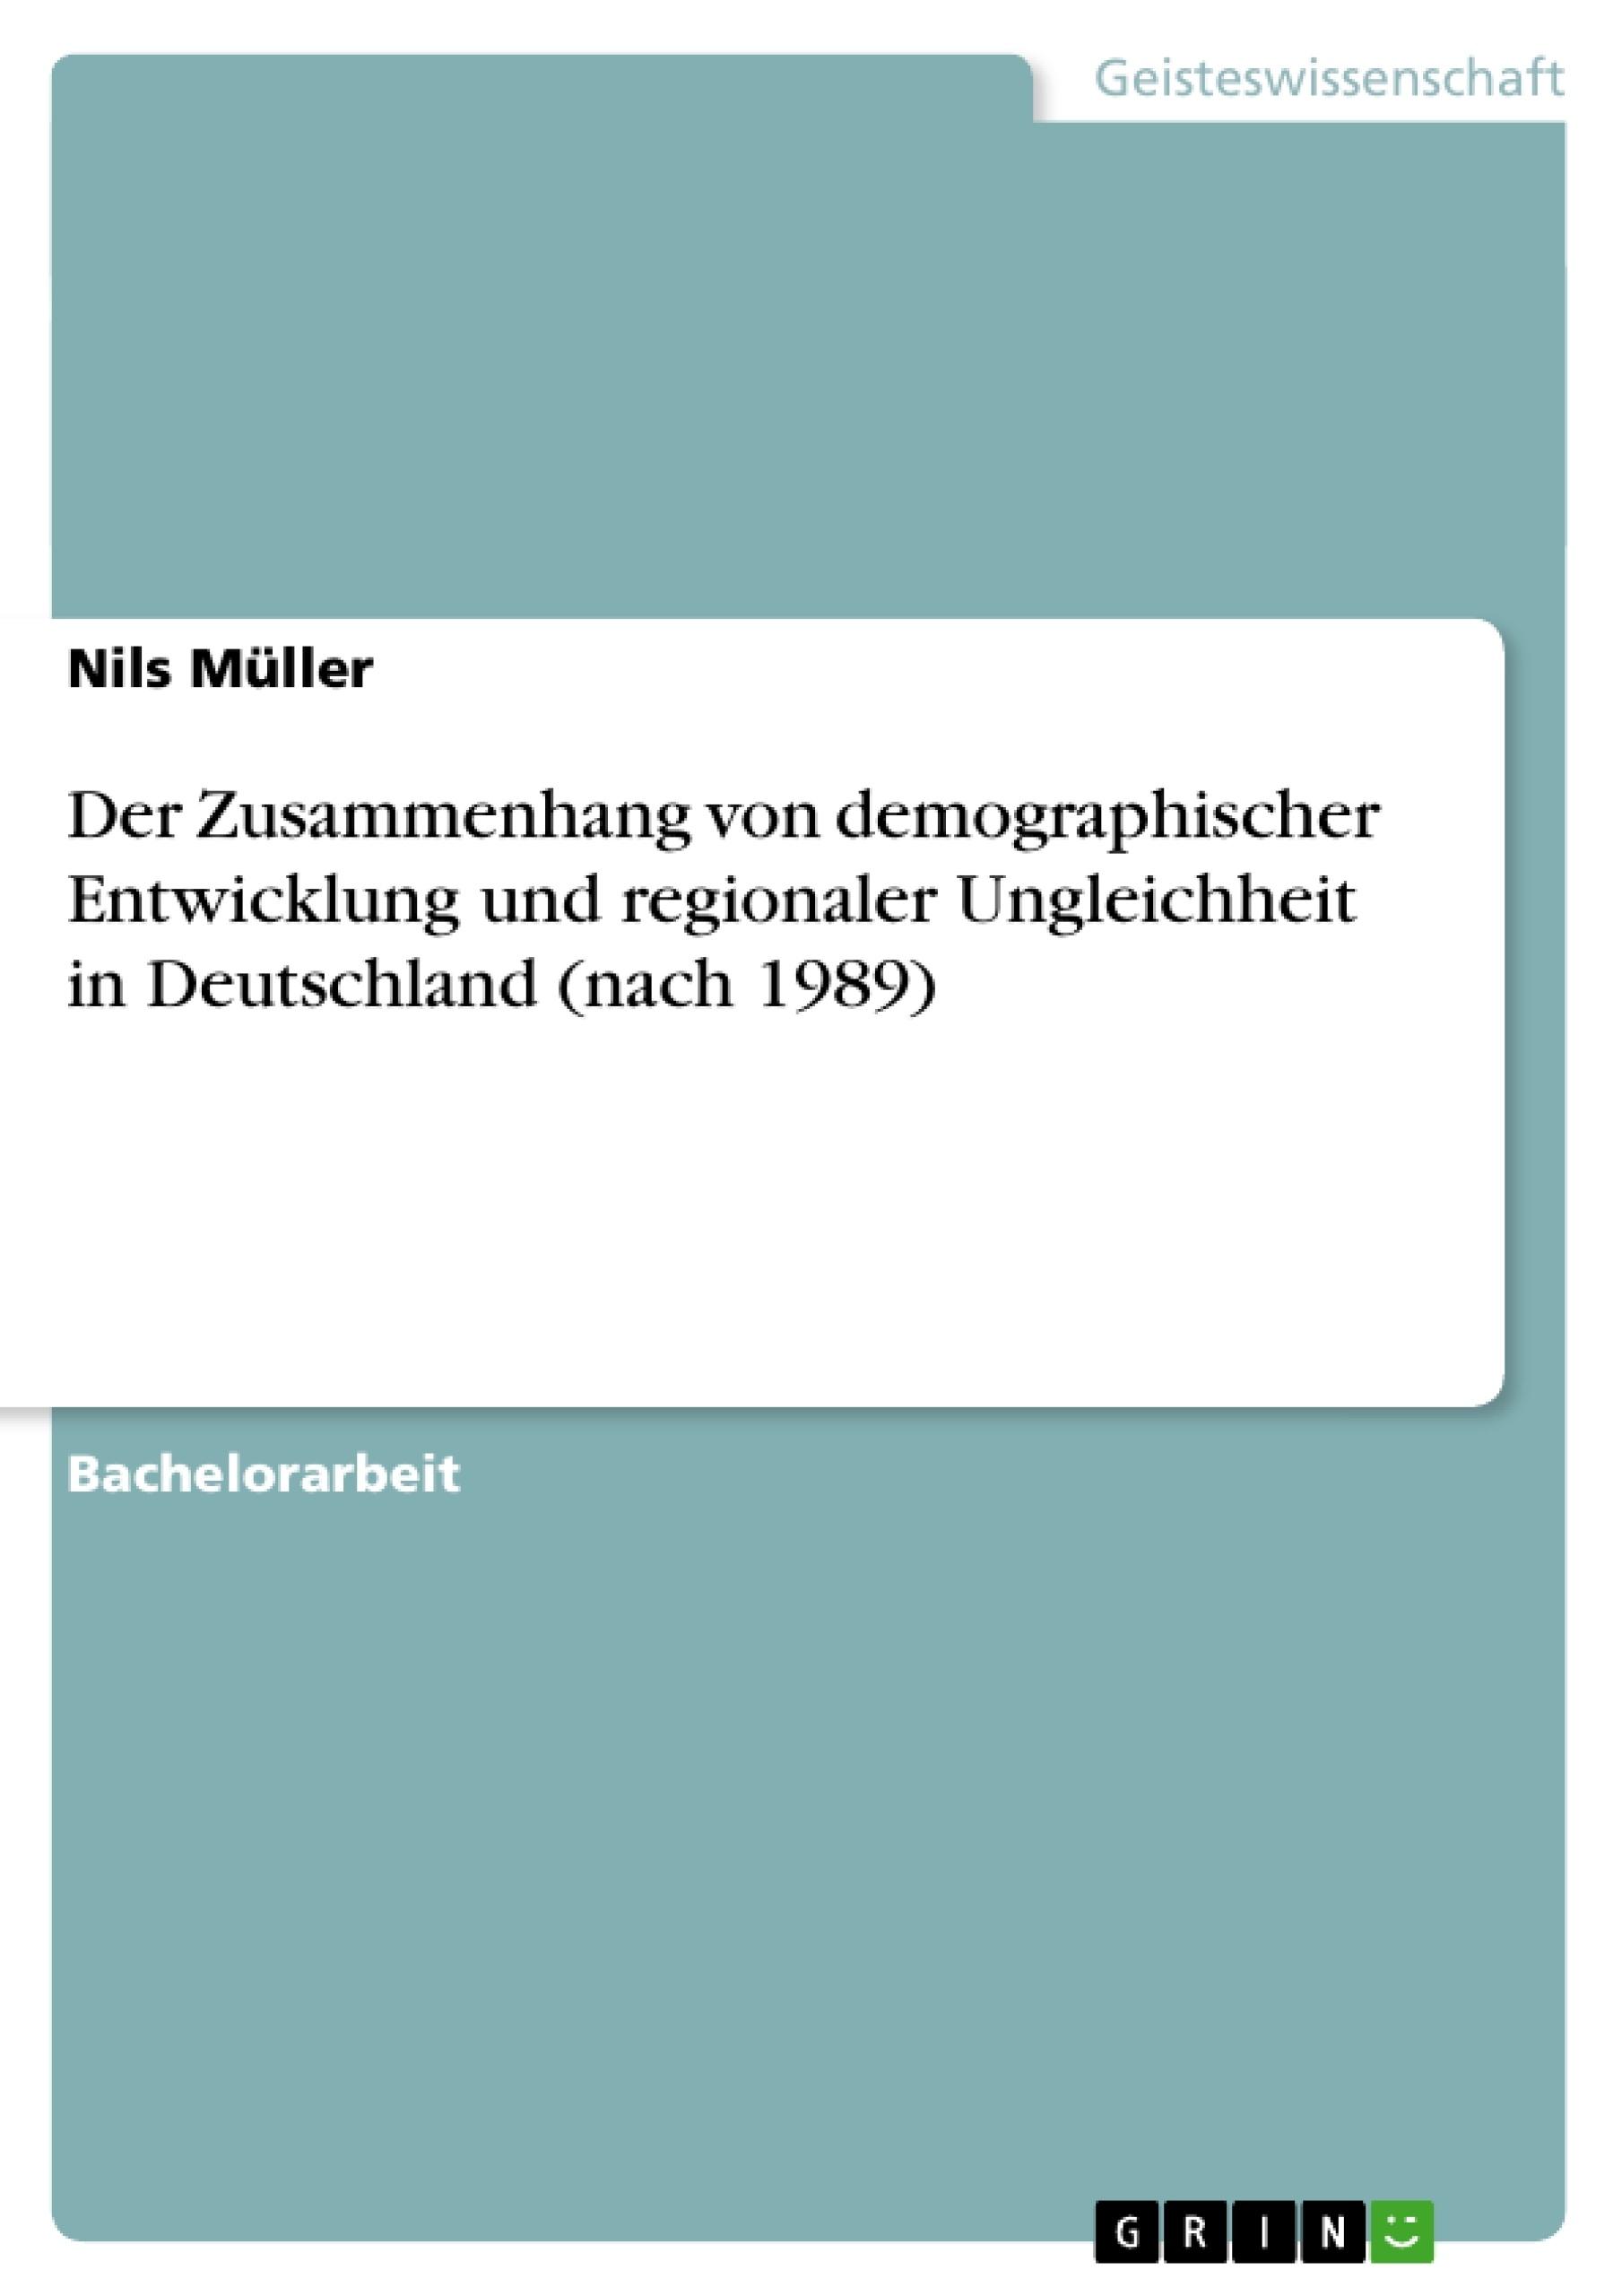 Titel: Der Zusammenhang von demographischer Entwicklung und regionaler Ungleichheit in Deutschland (nach 1989)